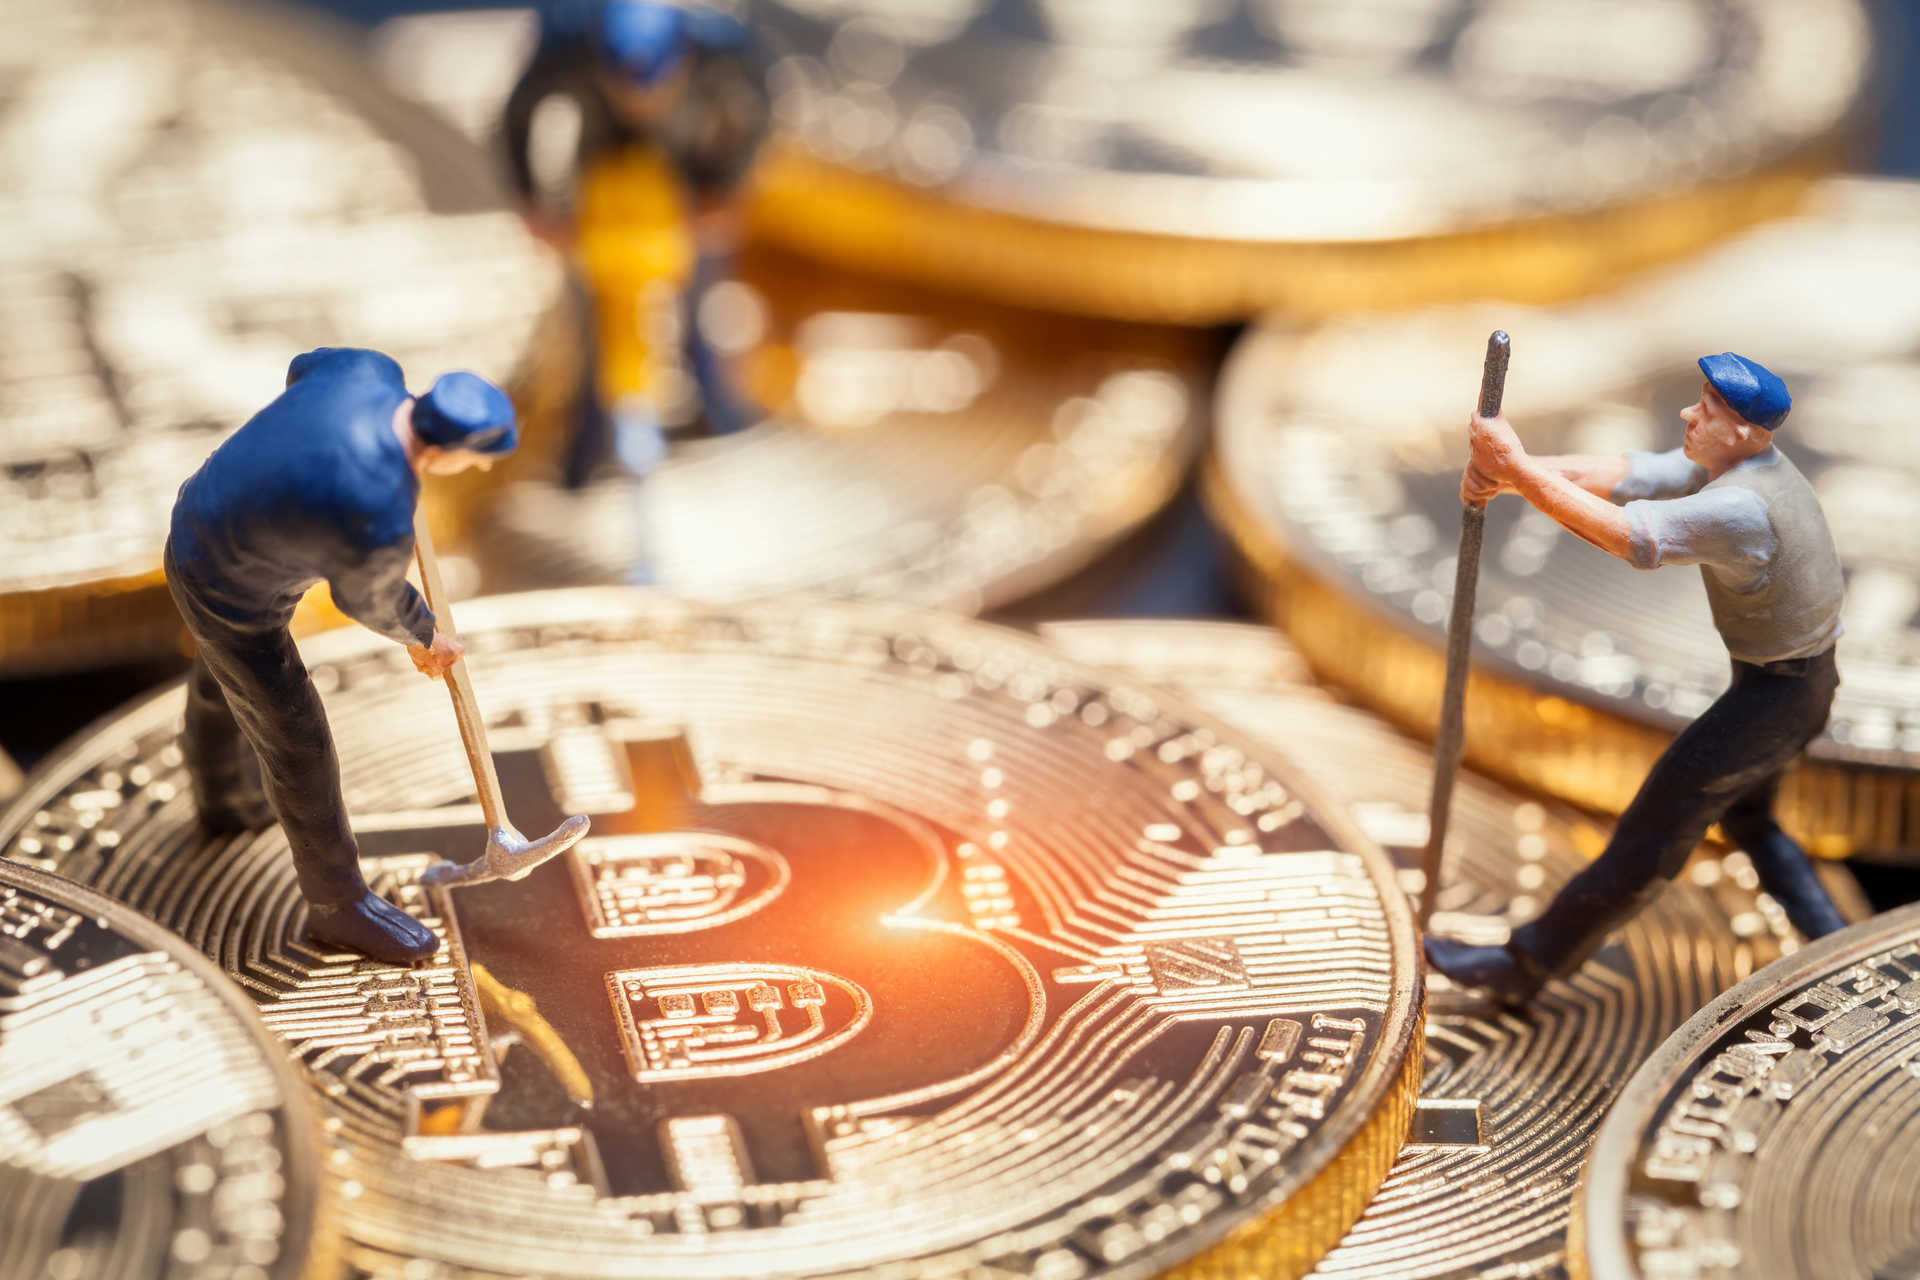 miners-bitcoin